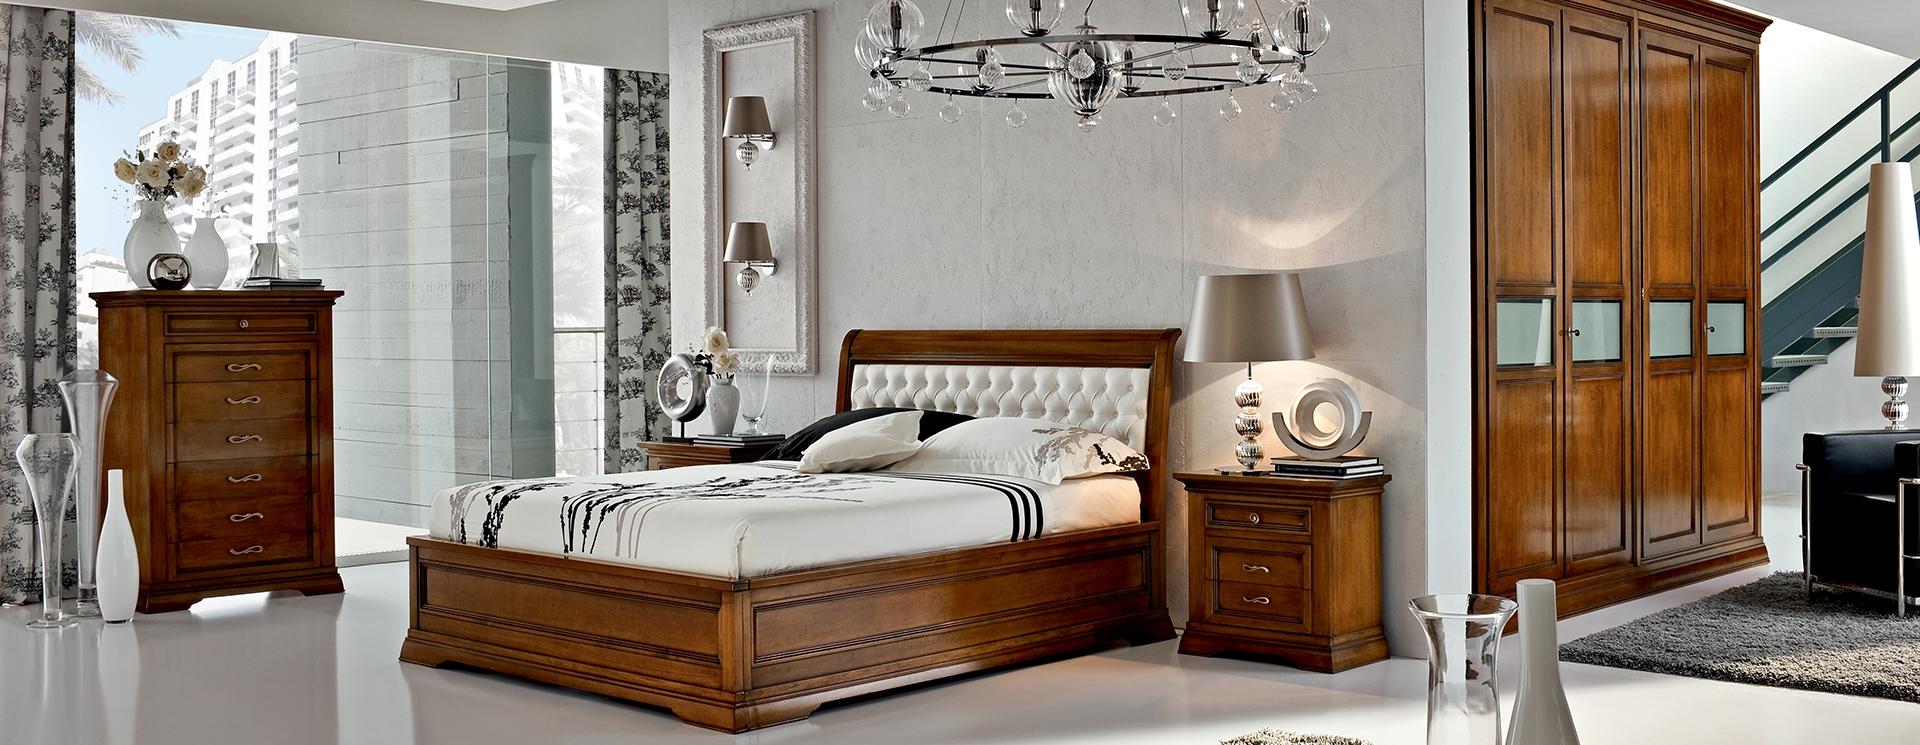 Camera da letto bianca e legno: ispiratevi con queste 15 idee incantevoli!